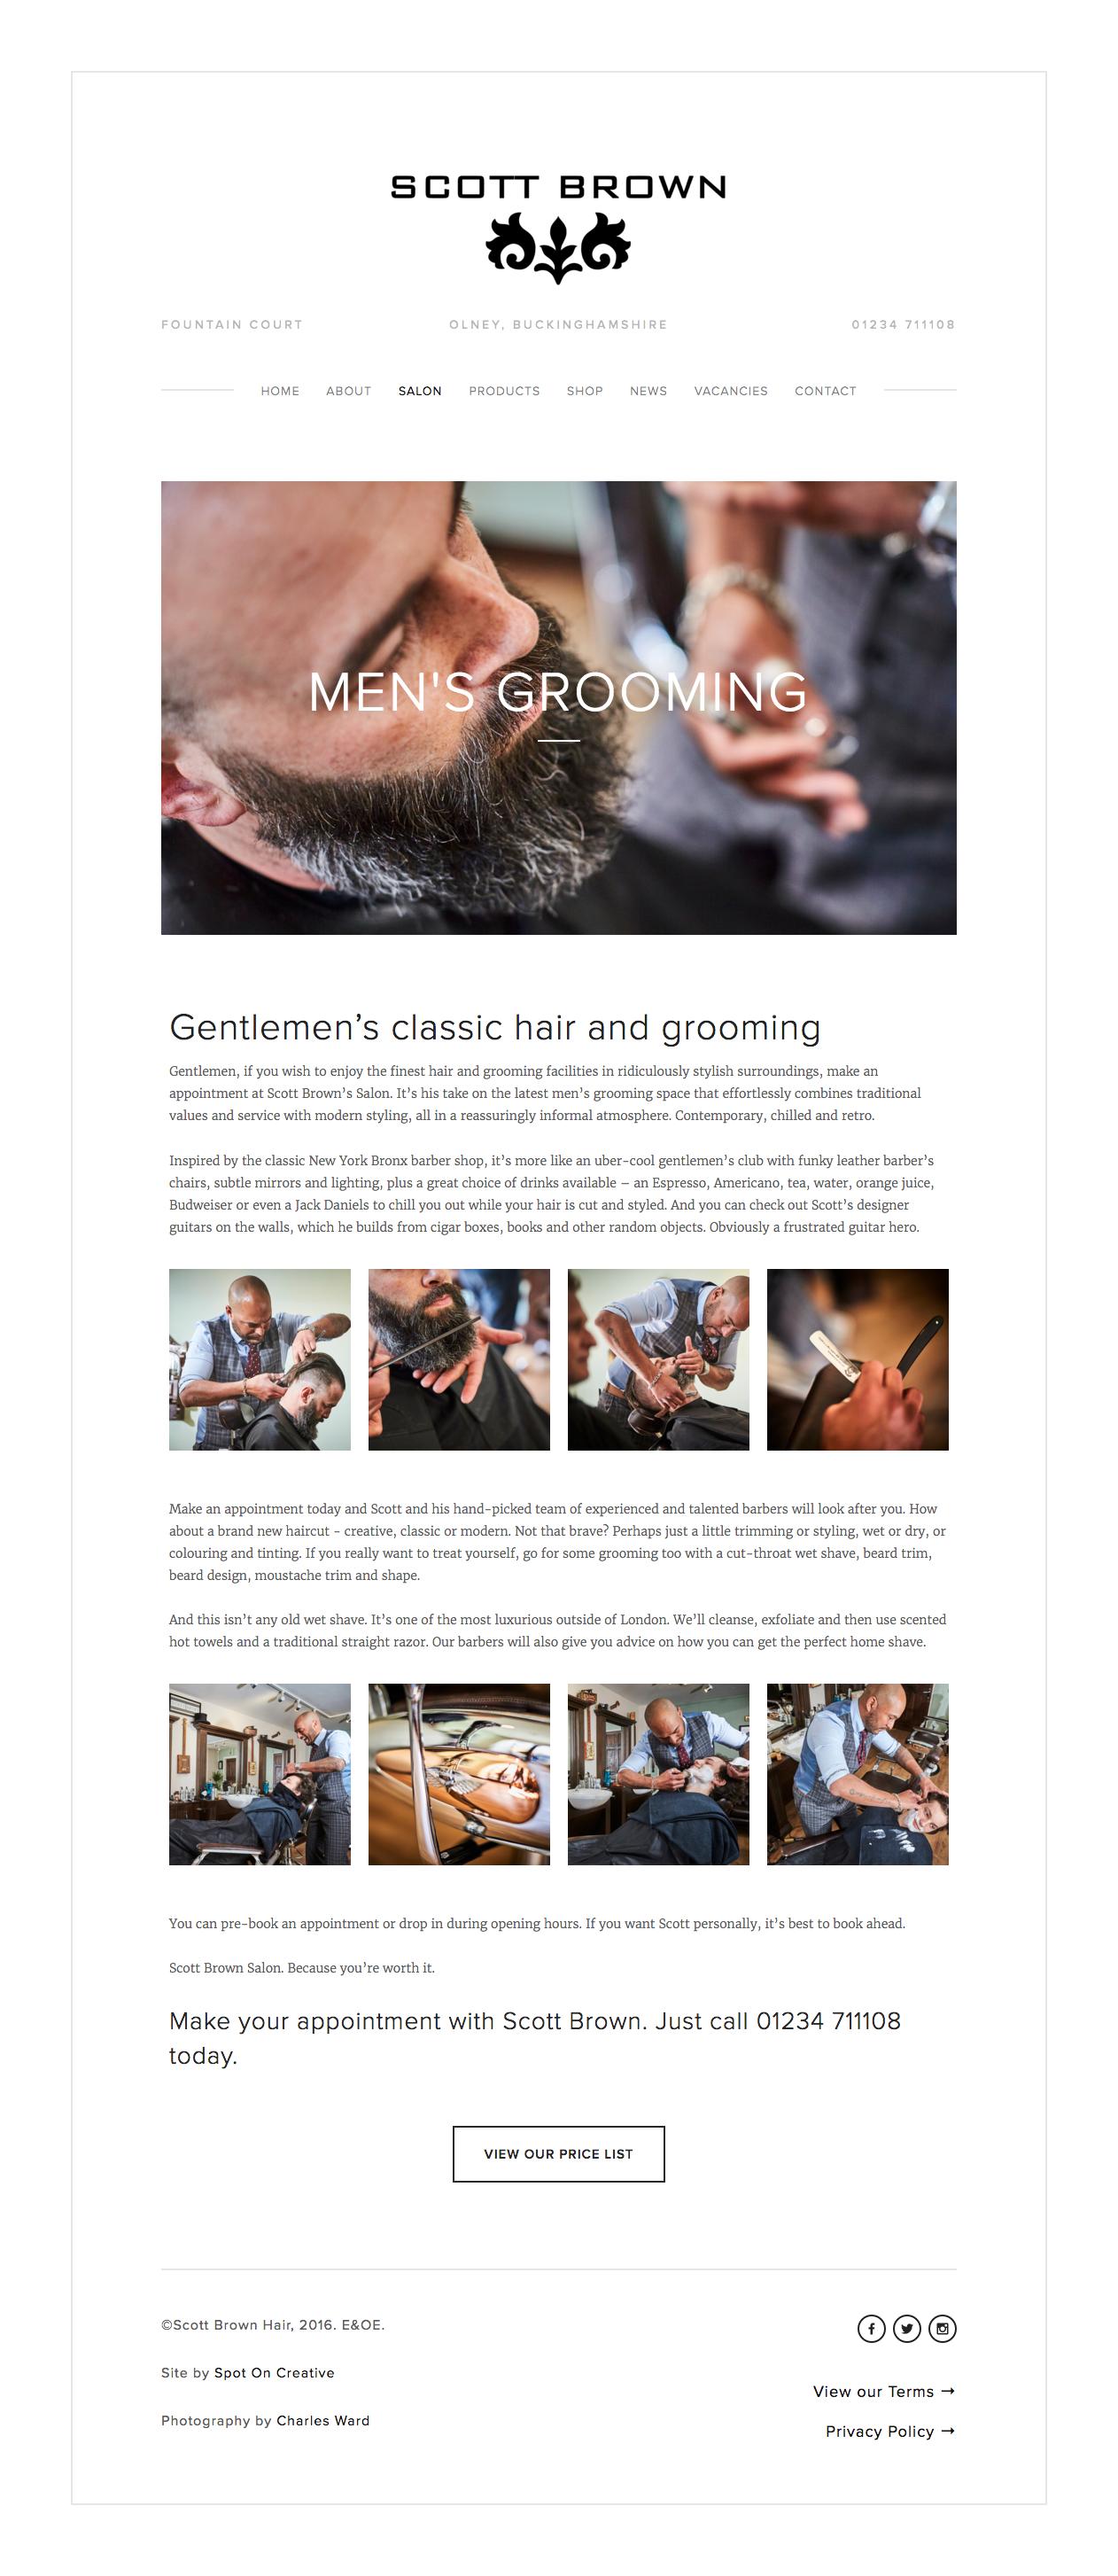 04. Scott-Brown-mens-grooming.png